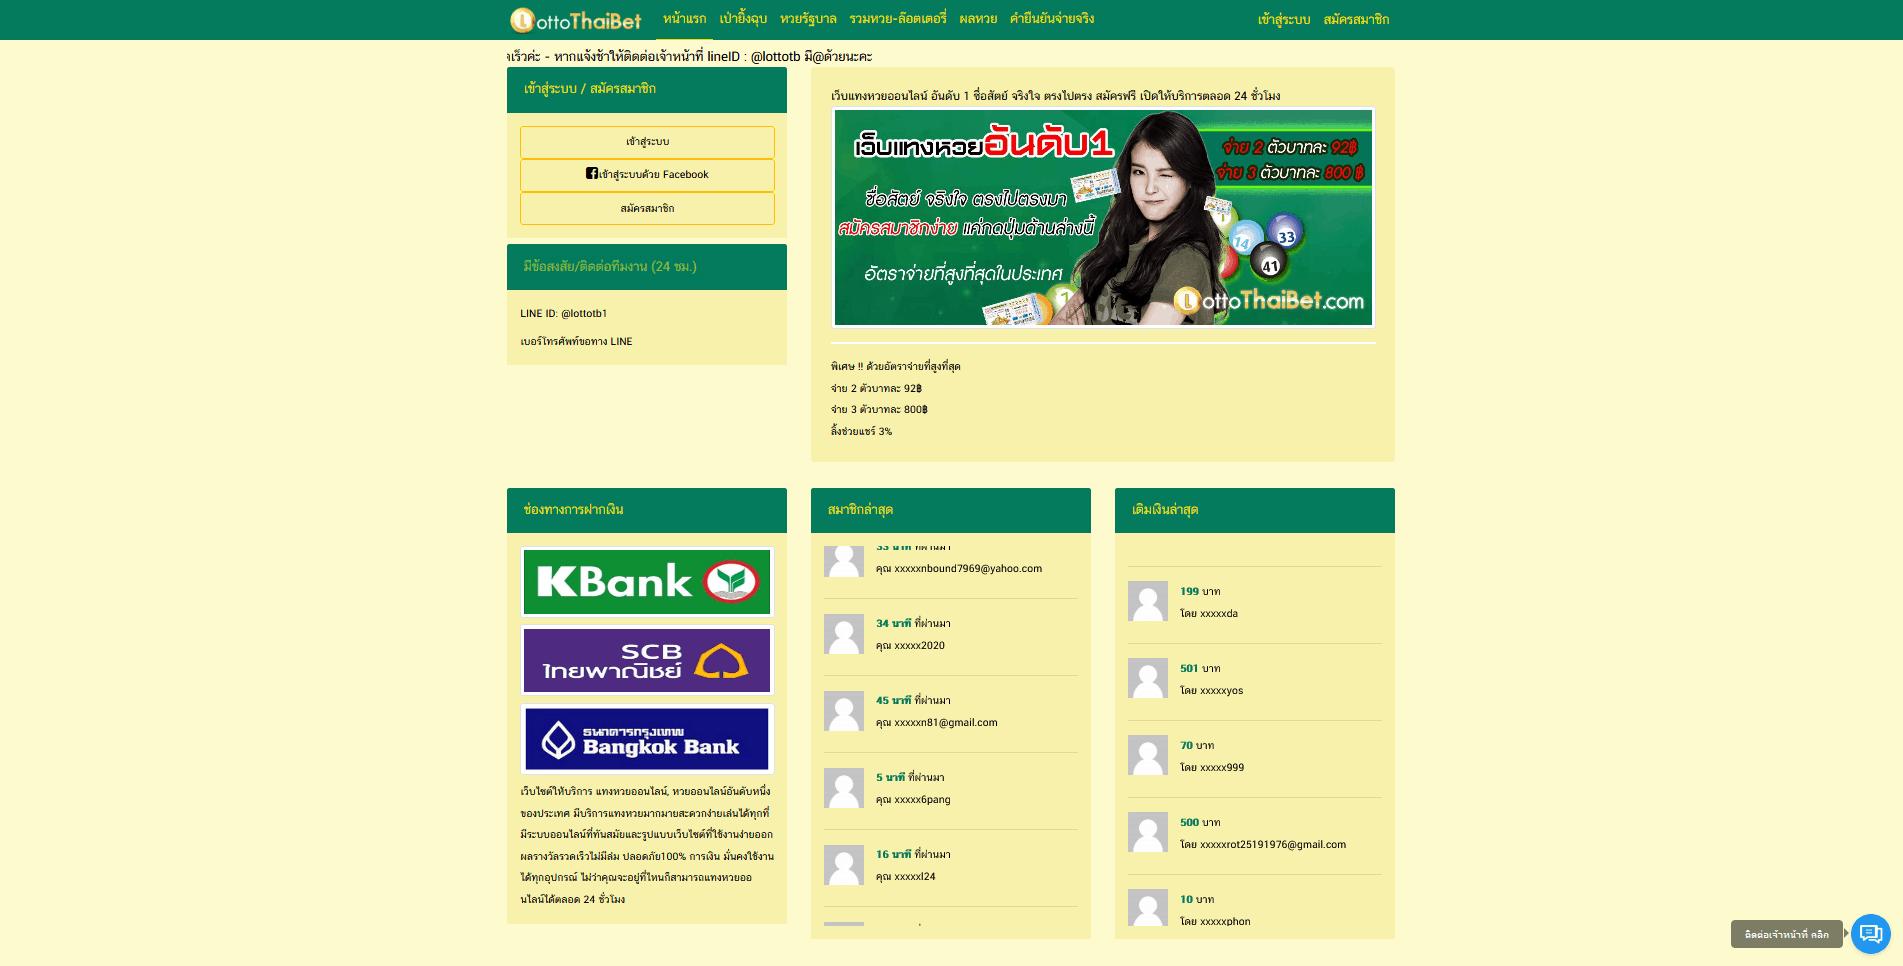 หวยออนไลน์-LottoThaiBet